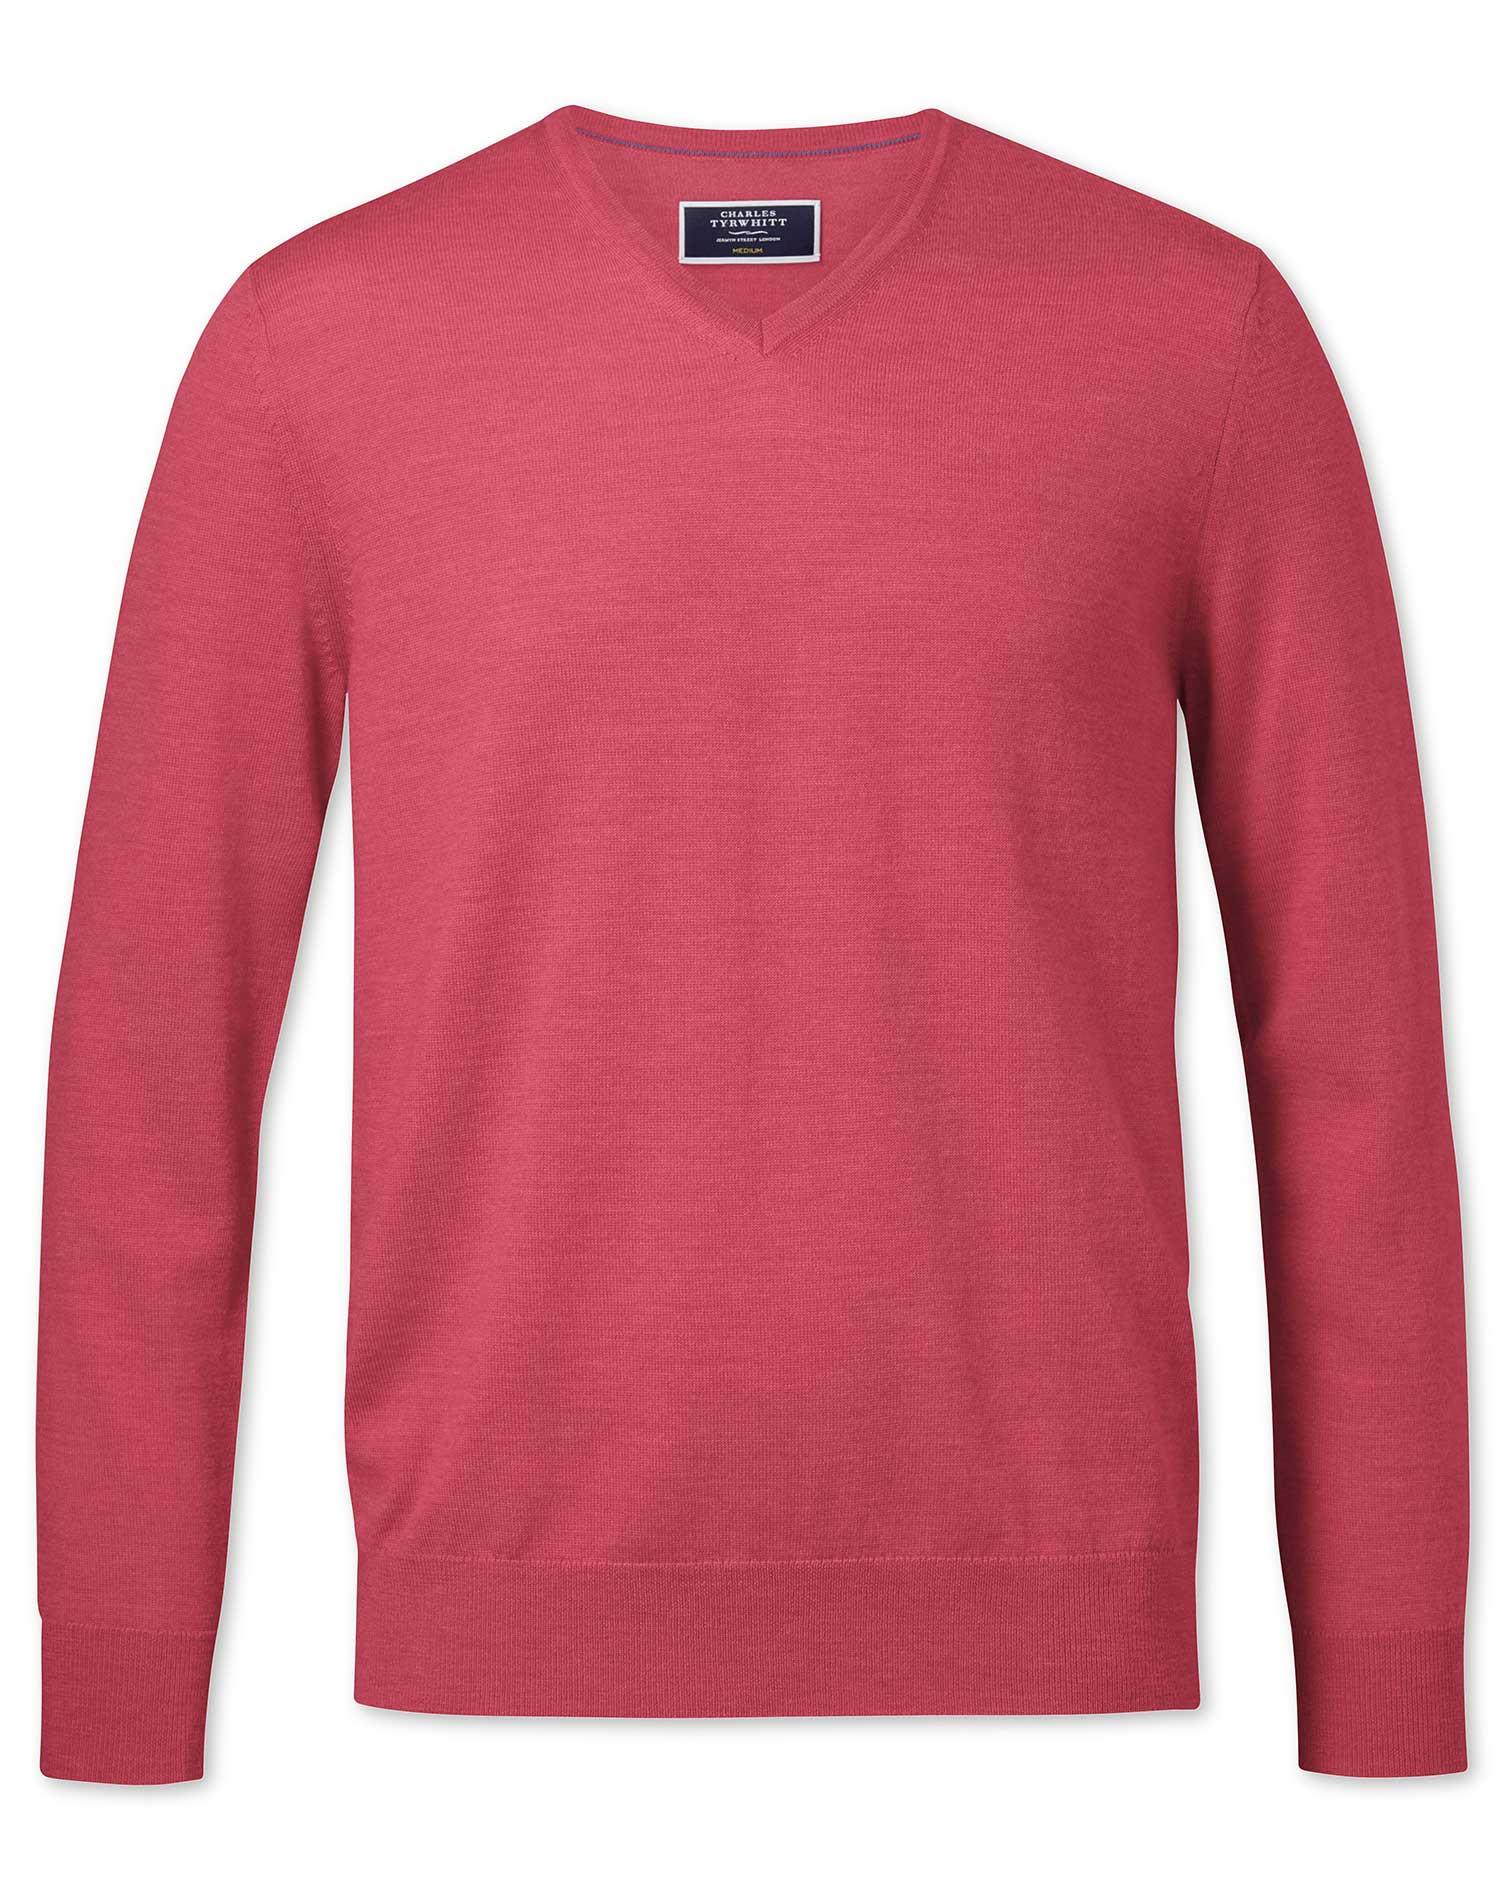 Coral Merino V-Neck Merino Wool Jumper Size XXXL by Charles Tyrwhitt